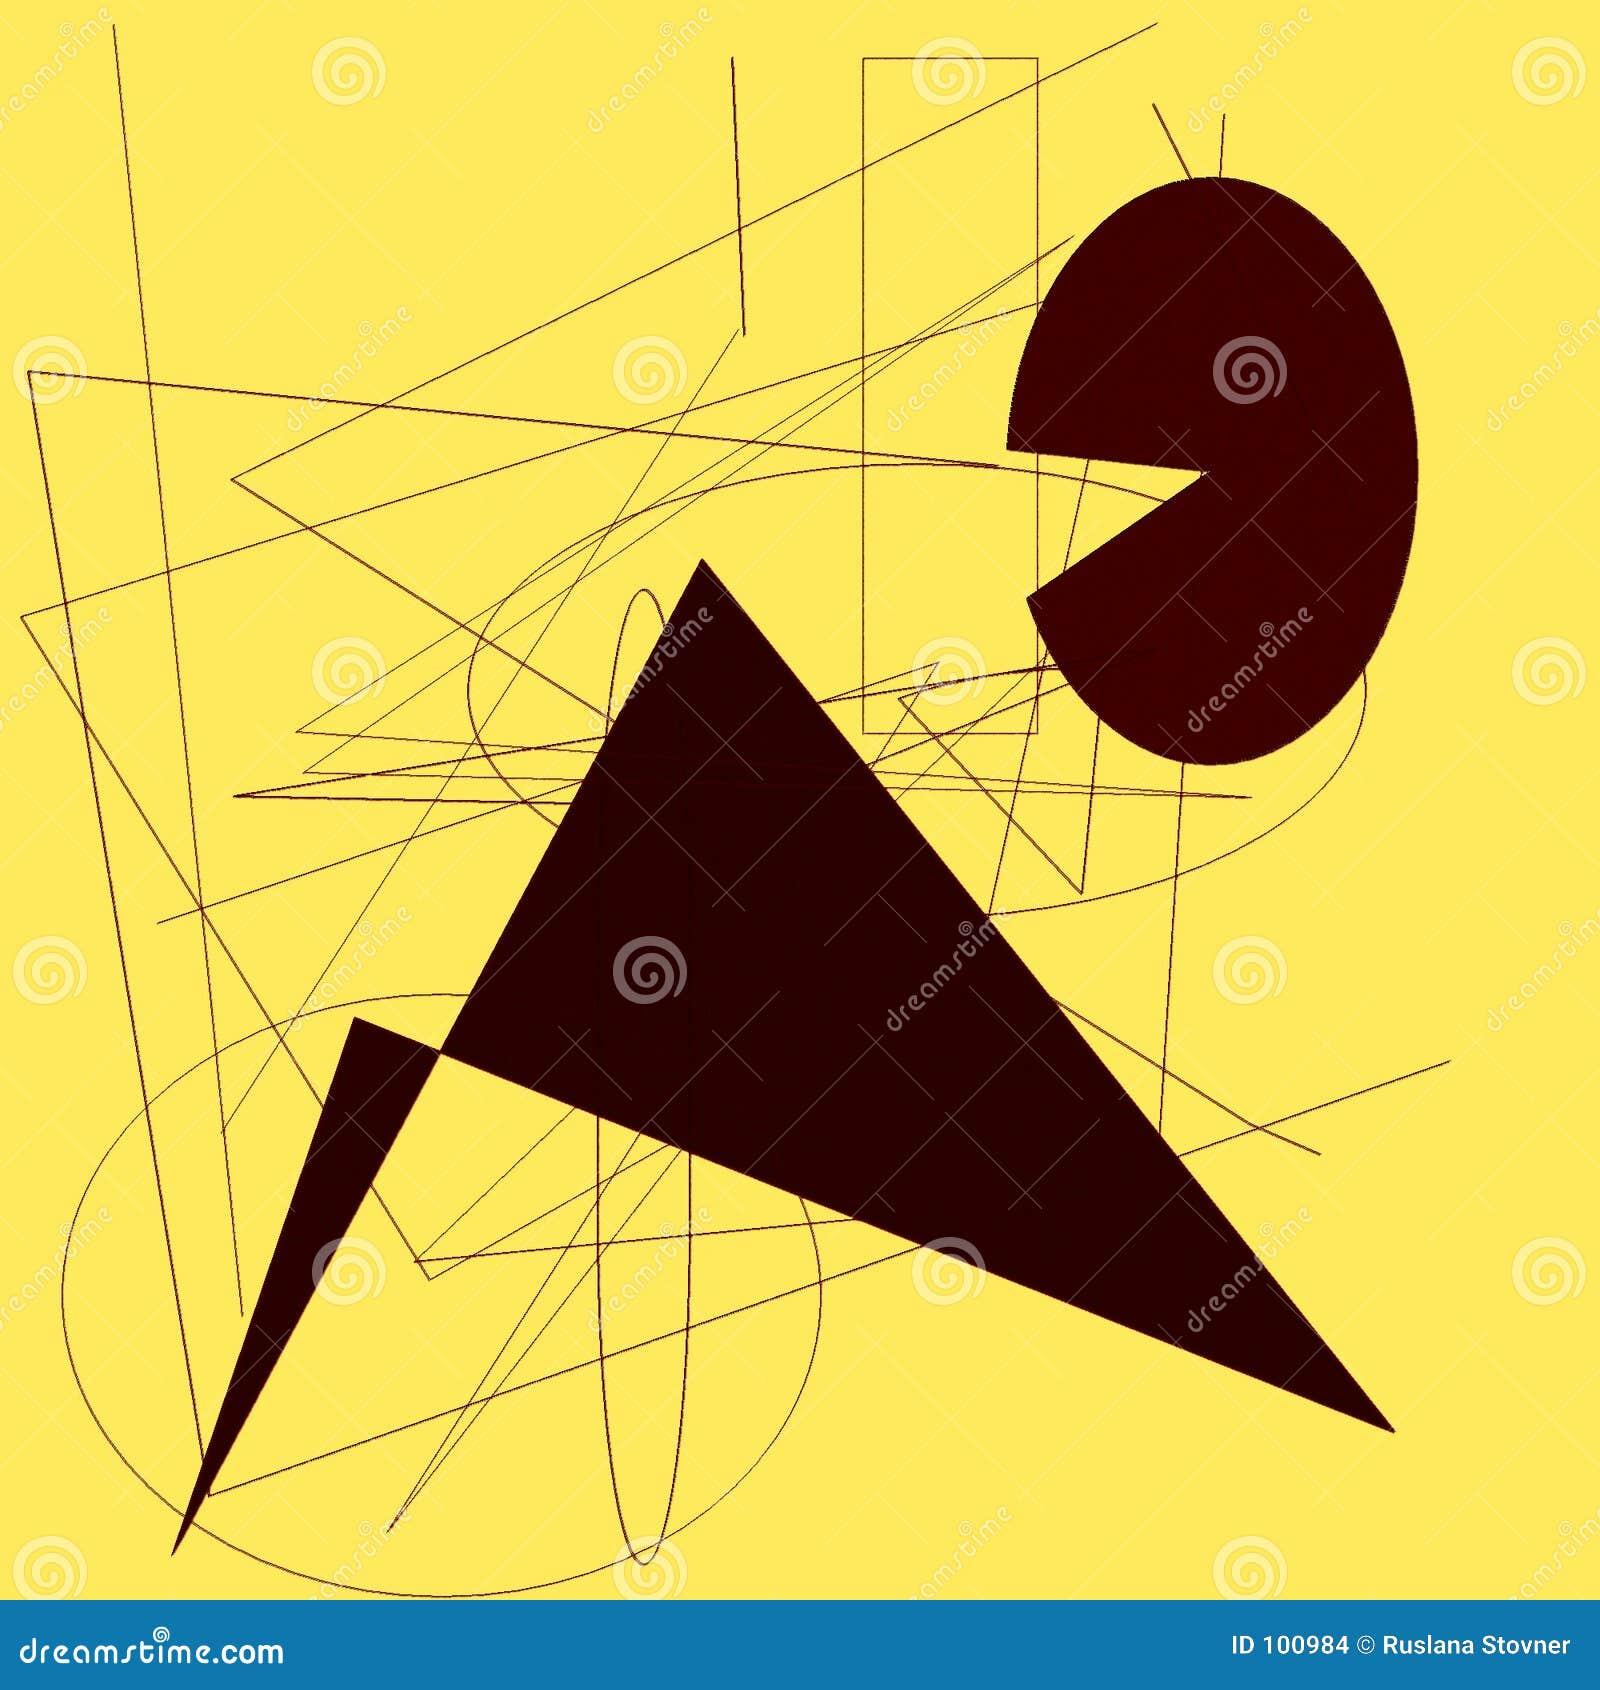 Zeichnungsauflage mit Formen